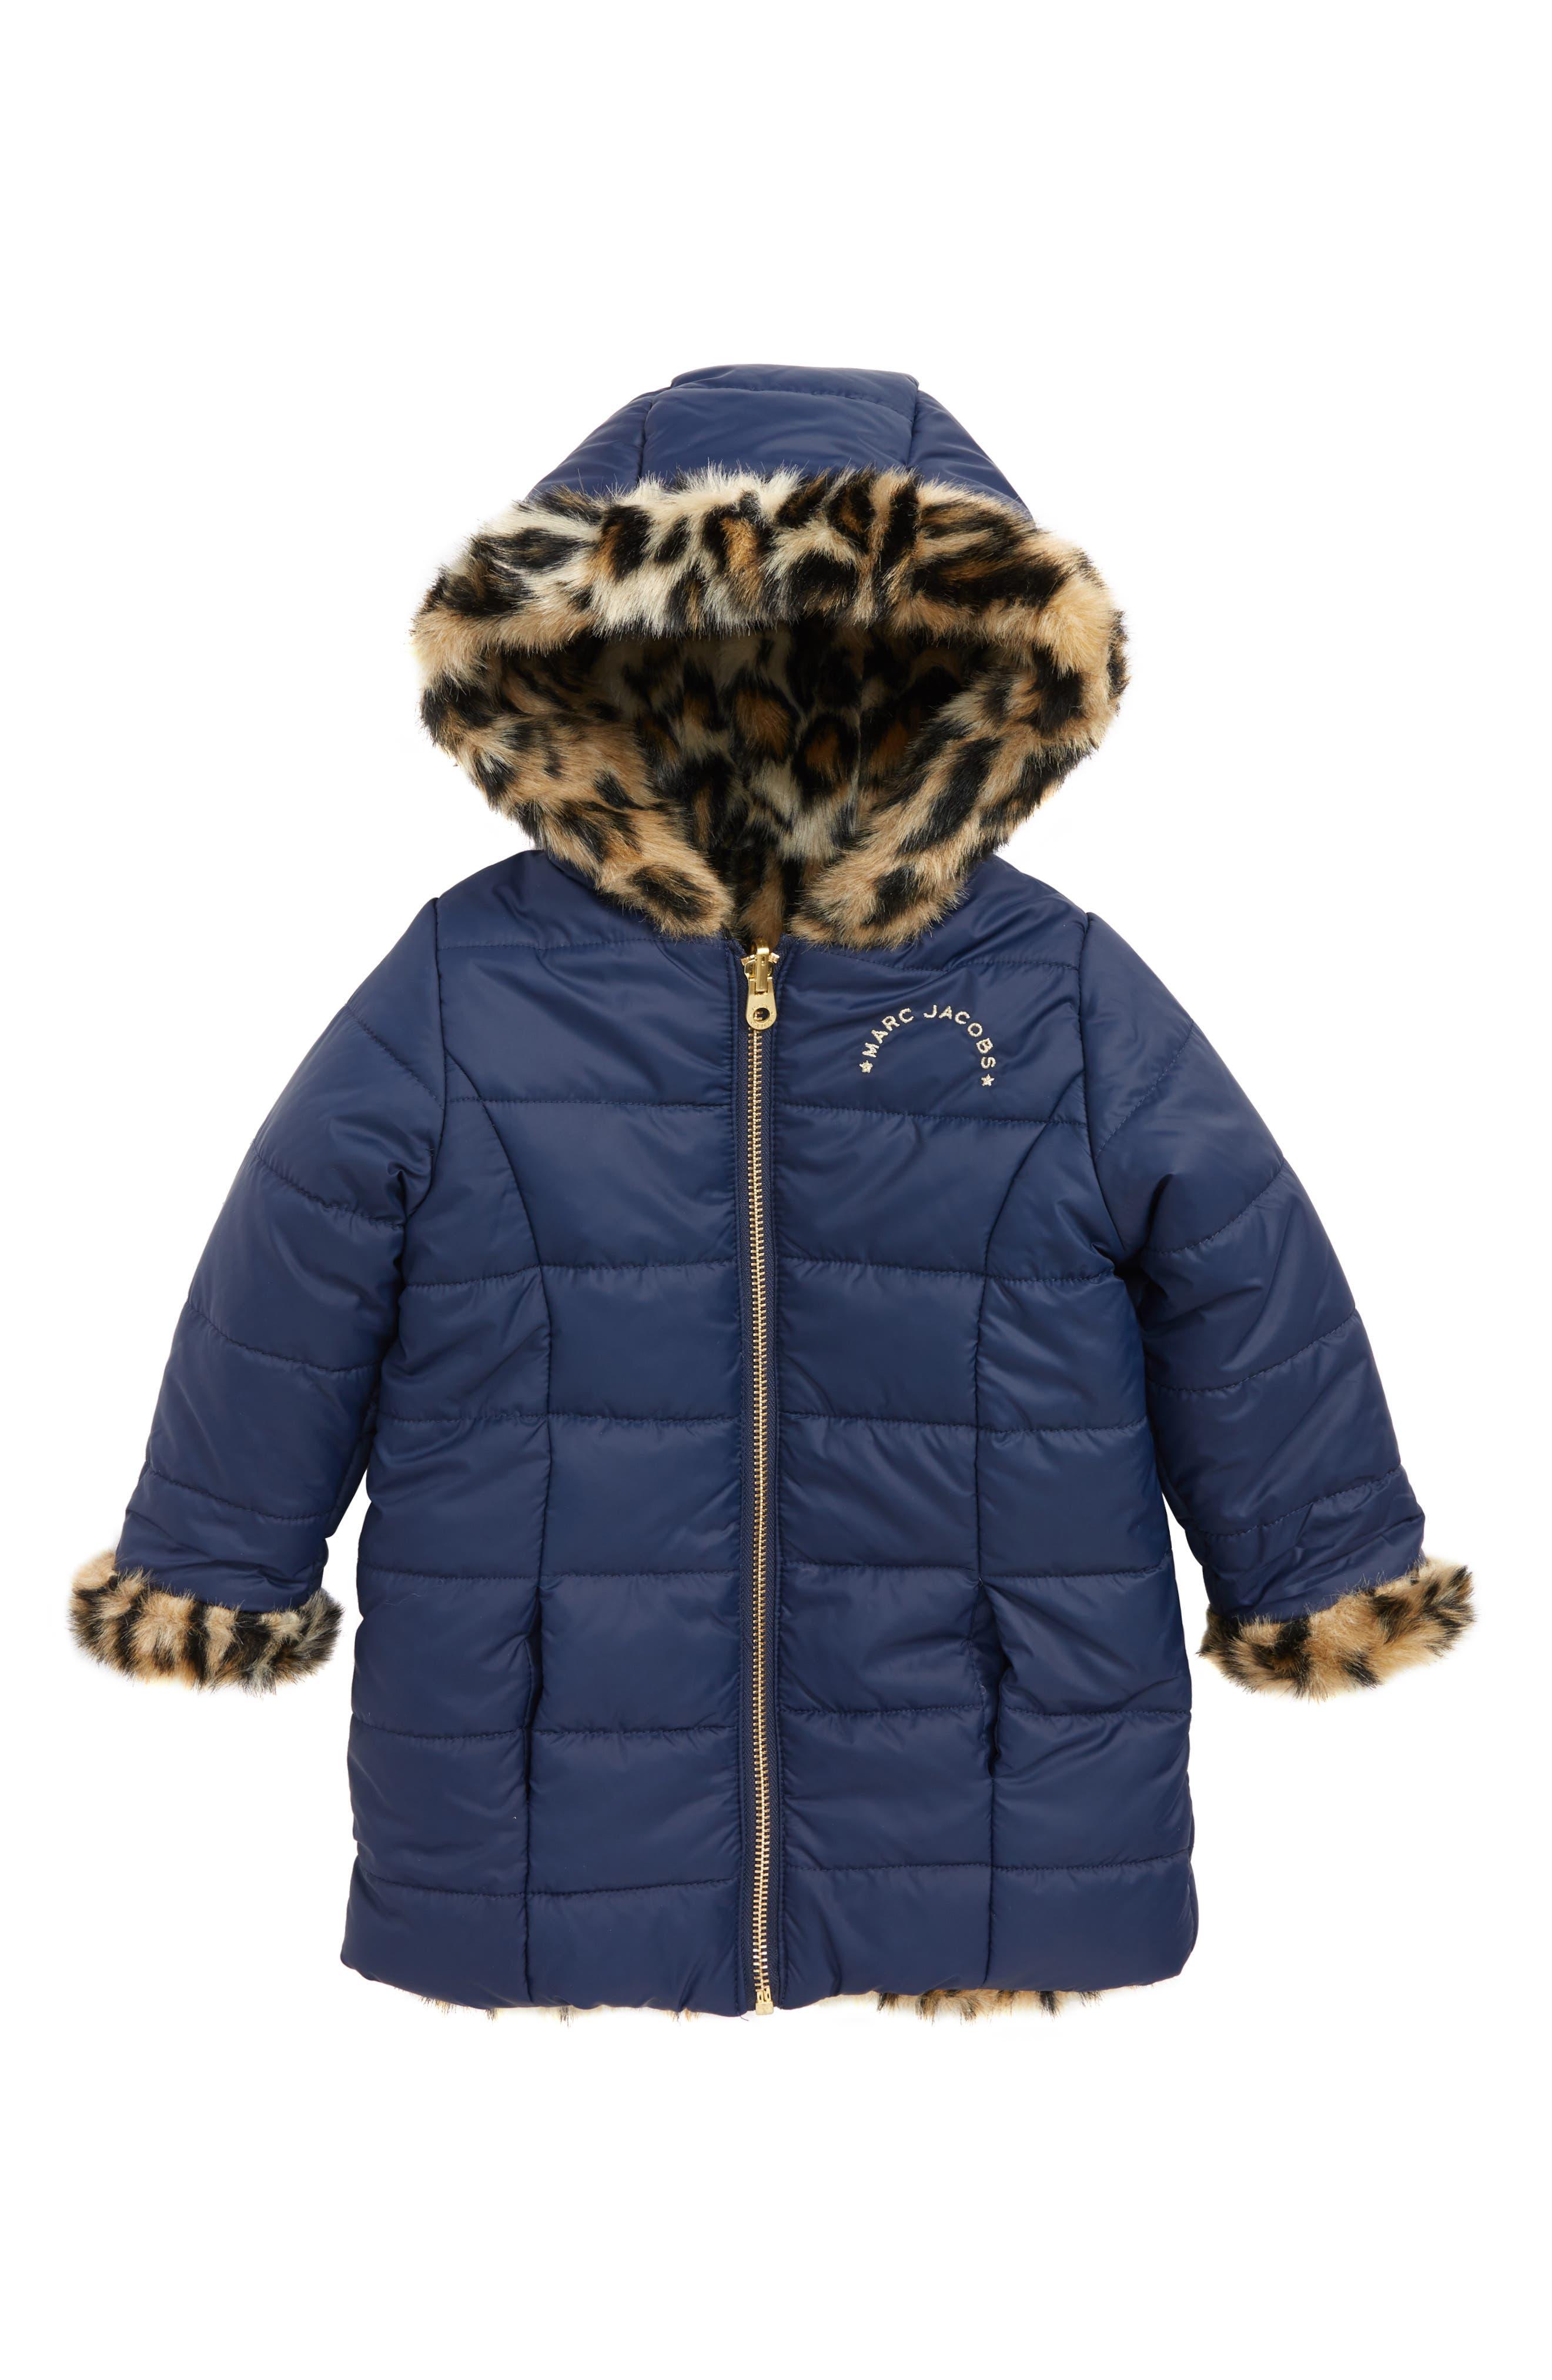 LITTLE MARC JACOBS,                             Reversible Faux Fur Puffer Jacket,                             Main thumbnail 1, color,                             400